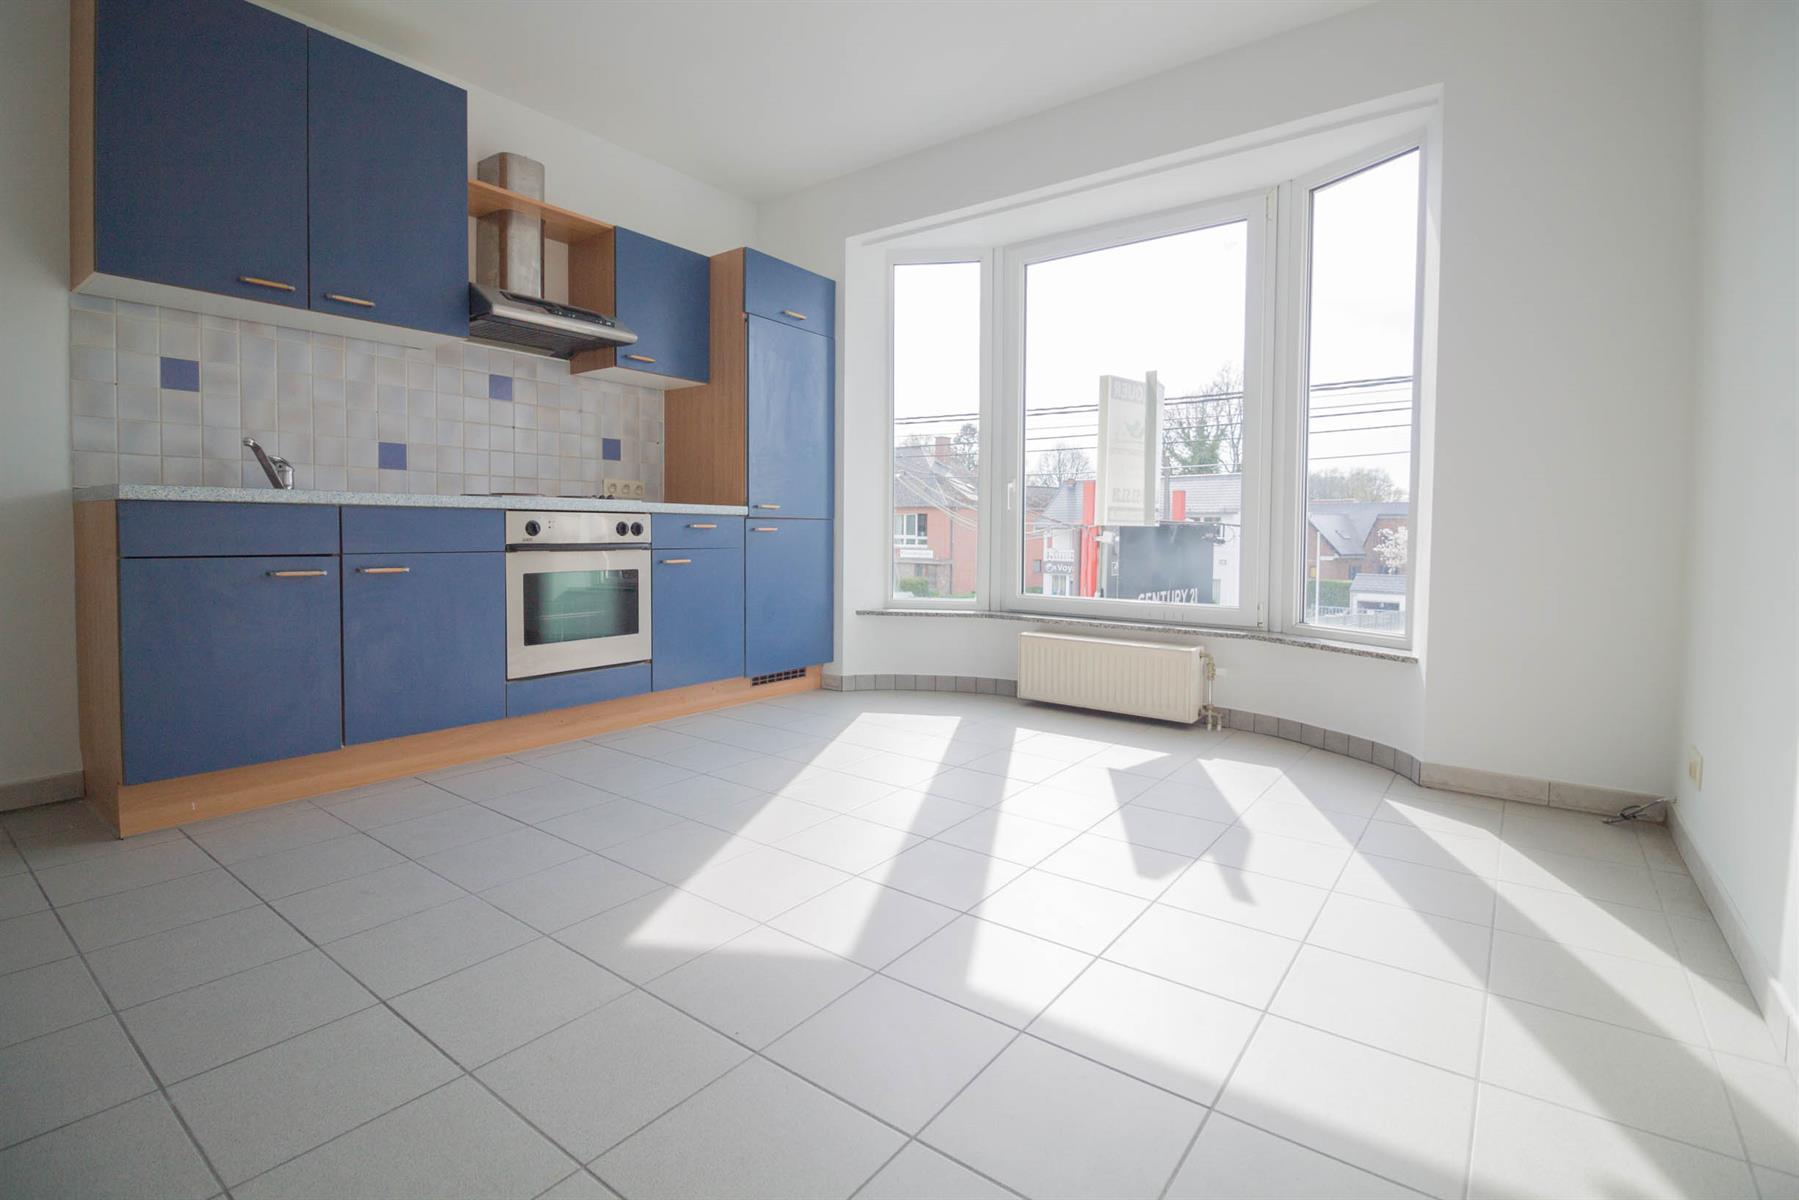 Appartement - Montigny-le-Tilleul - #4349715-6